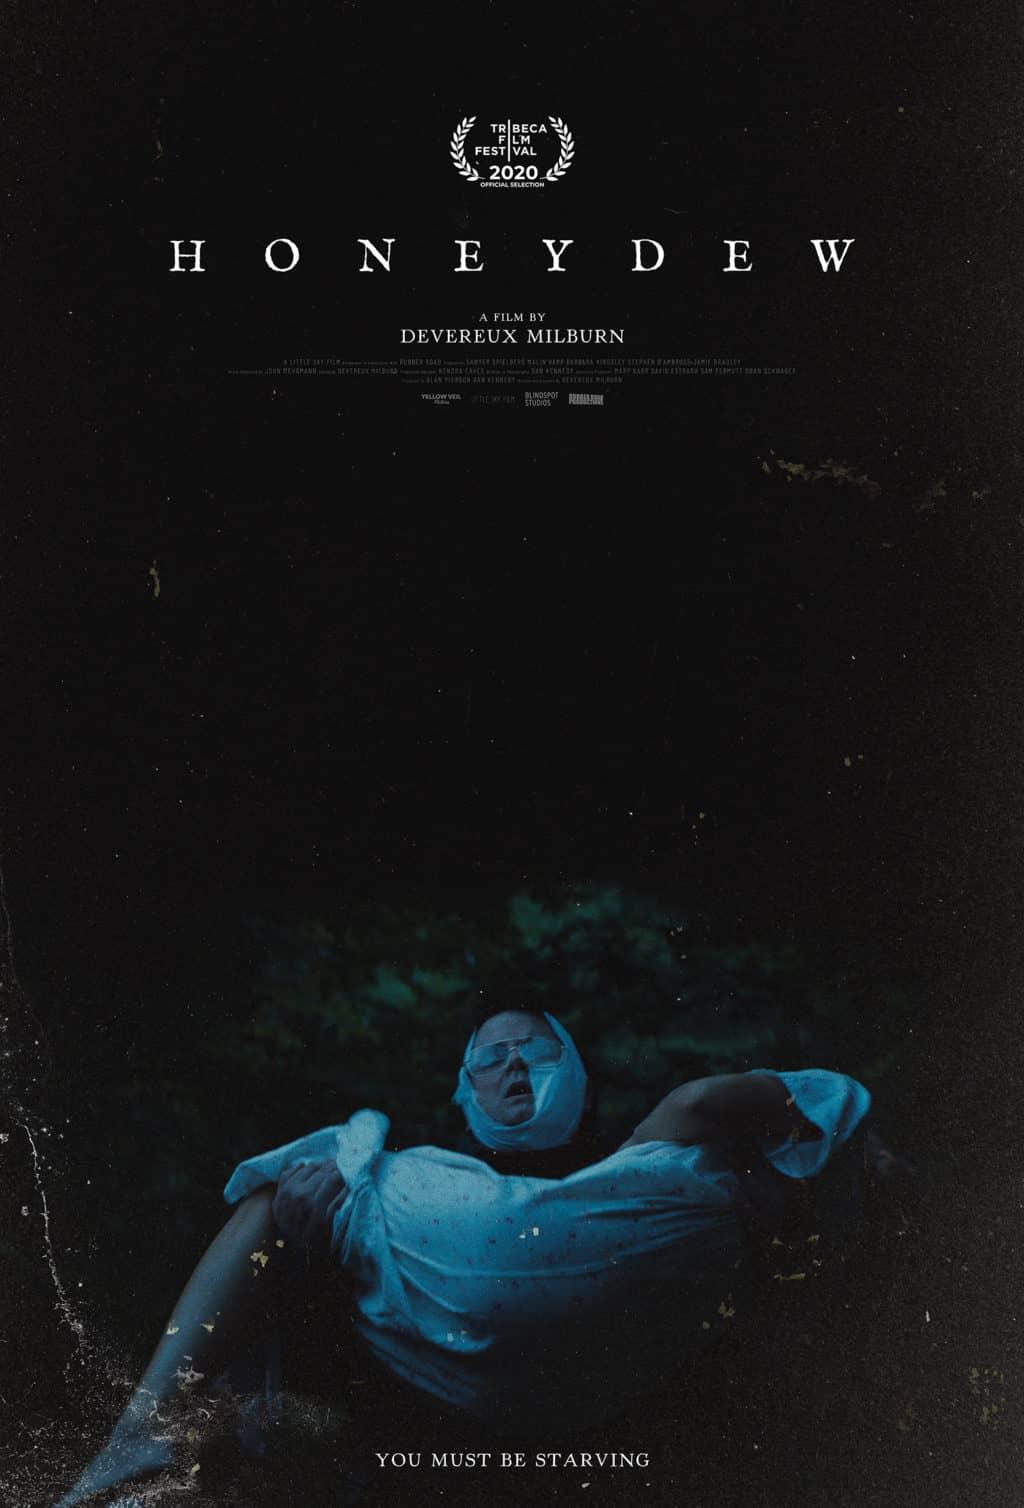 honeydew 2020 постер